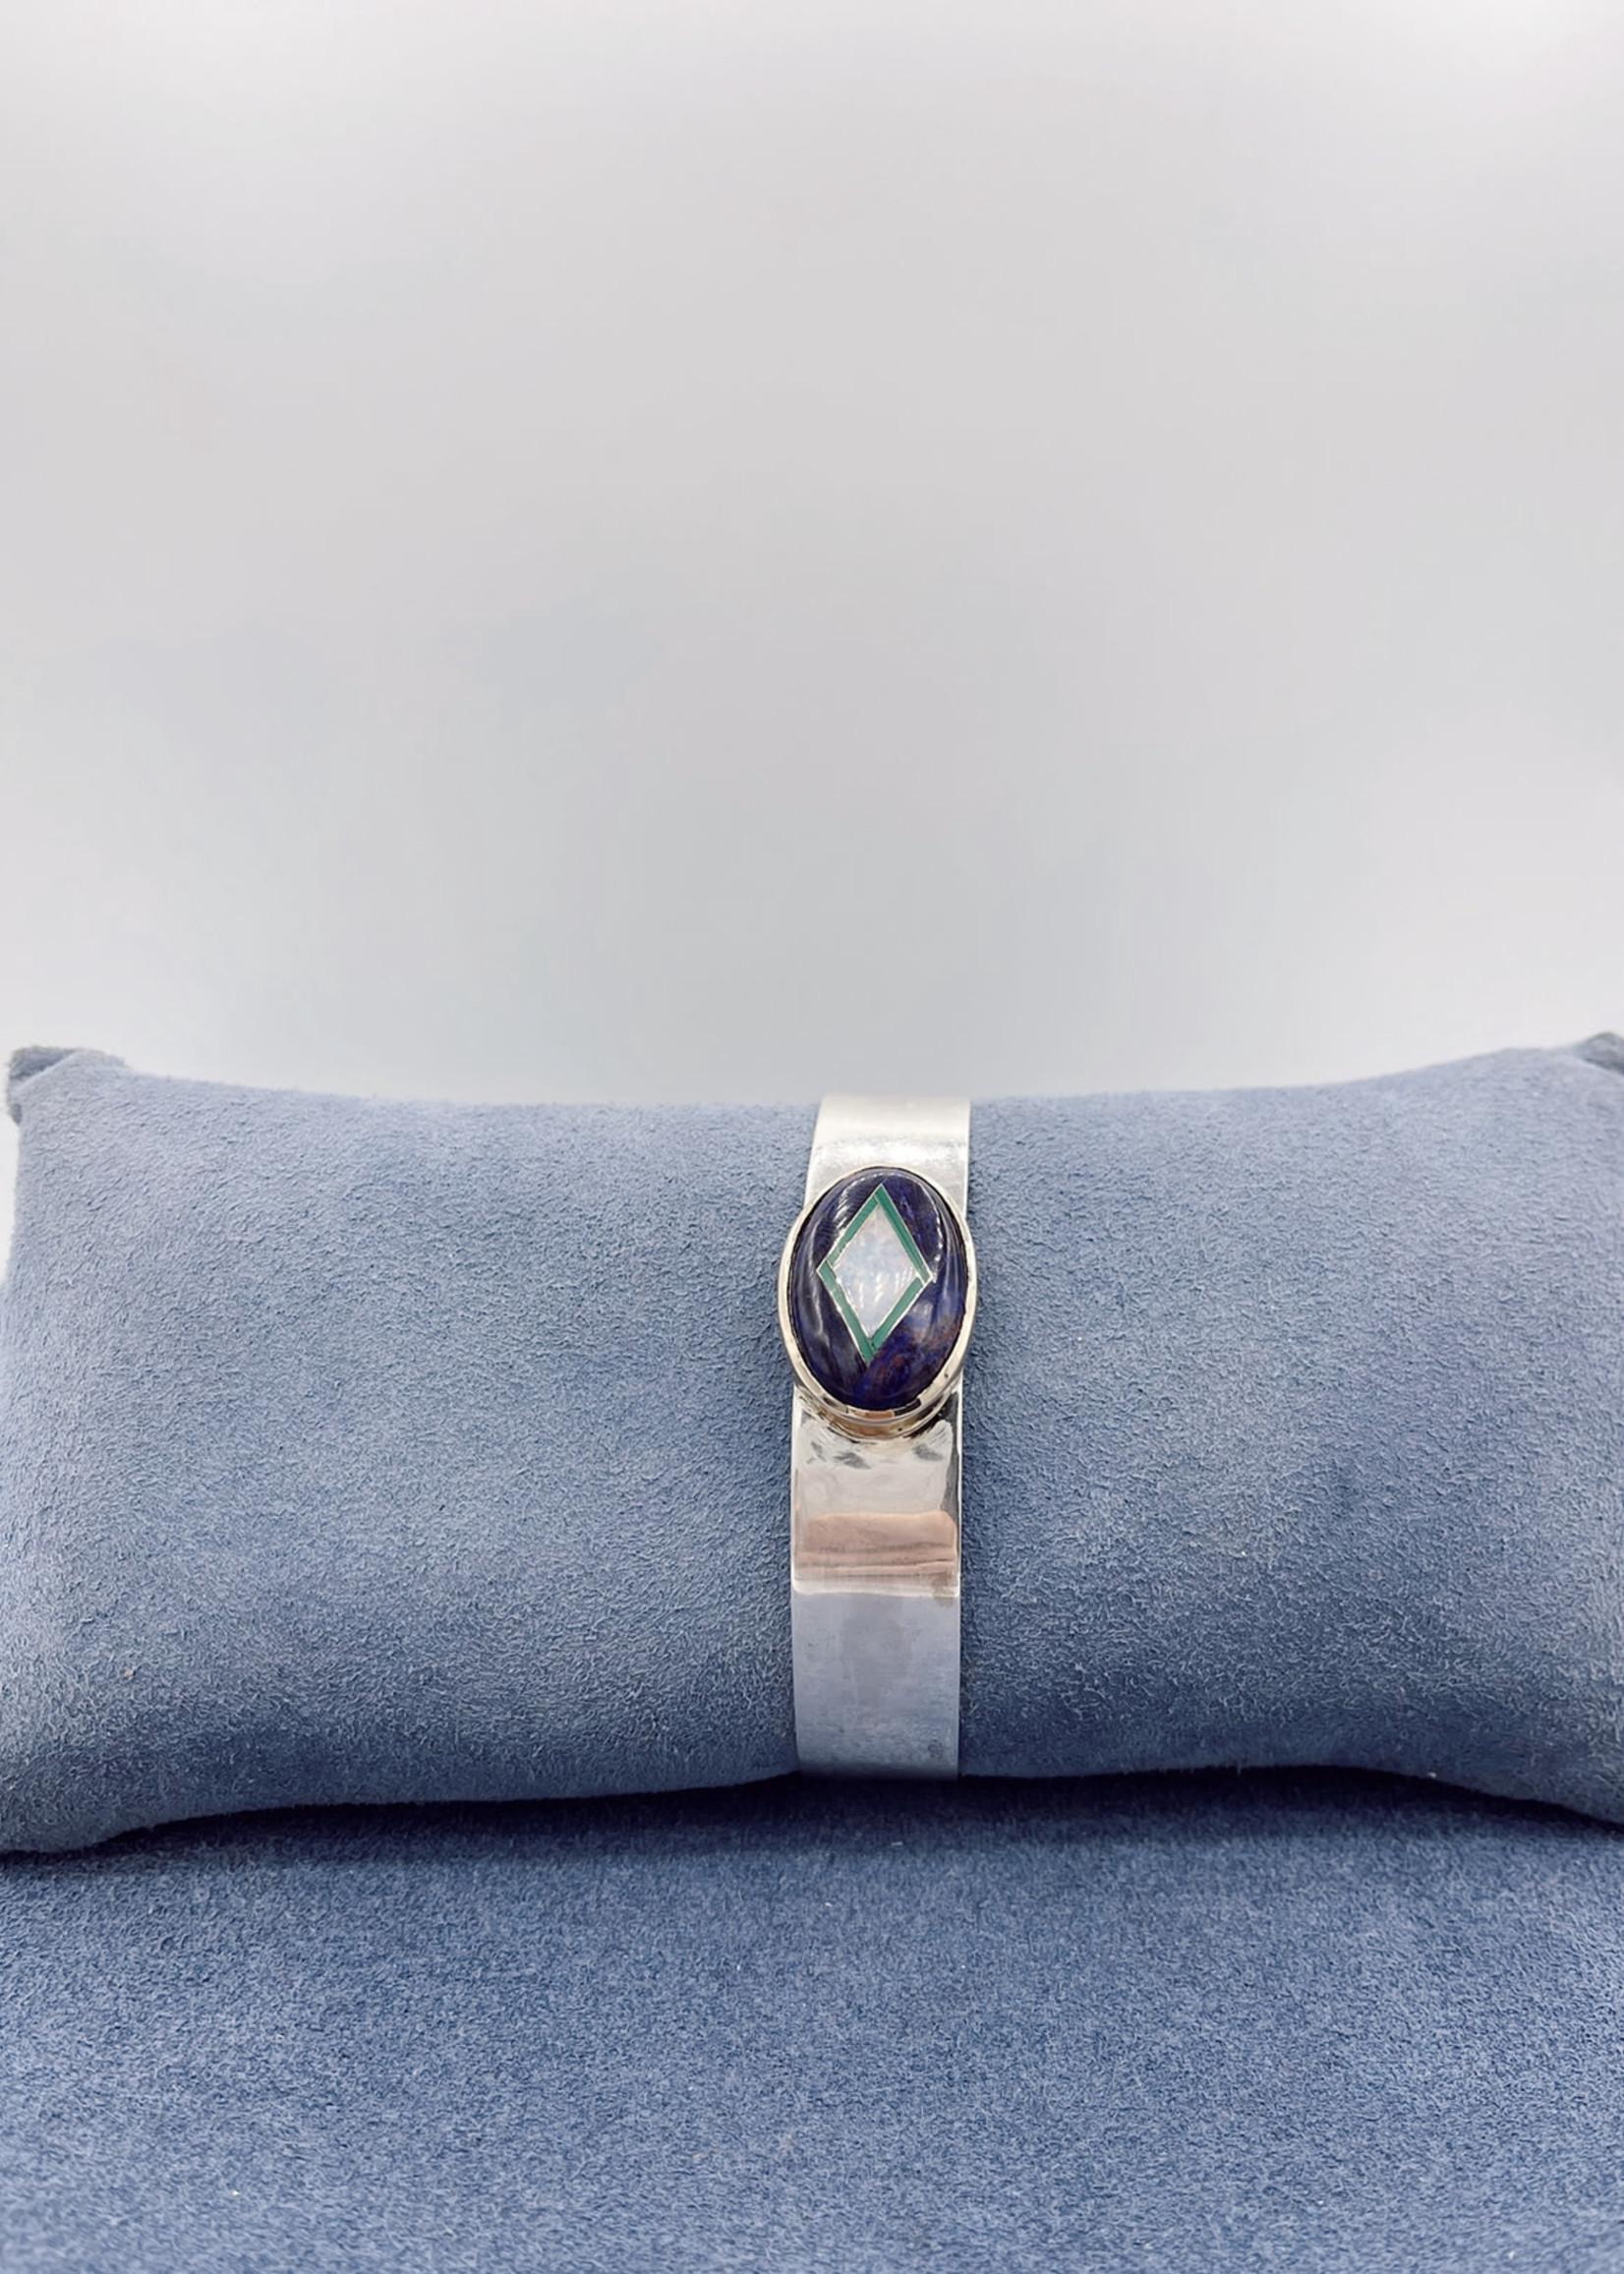 CJ Designs Cuff Bracelet Opal, Malachite, Purple Sodalite